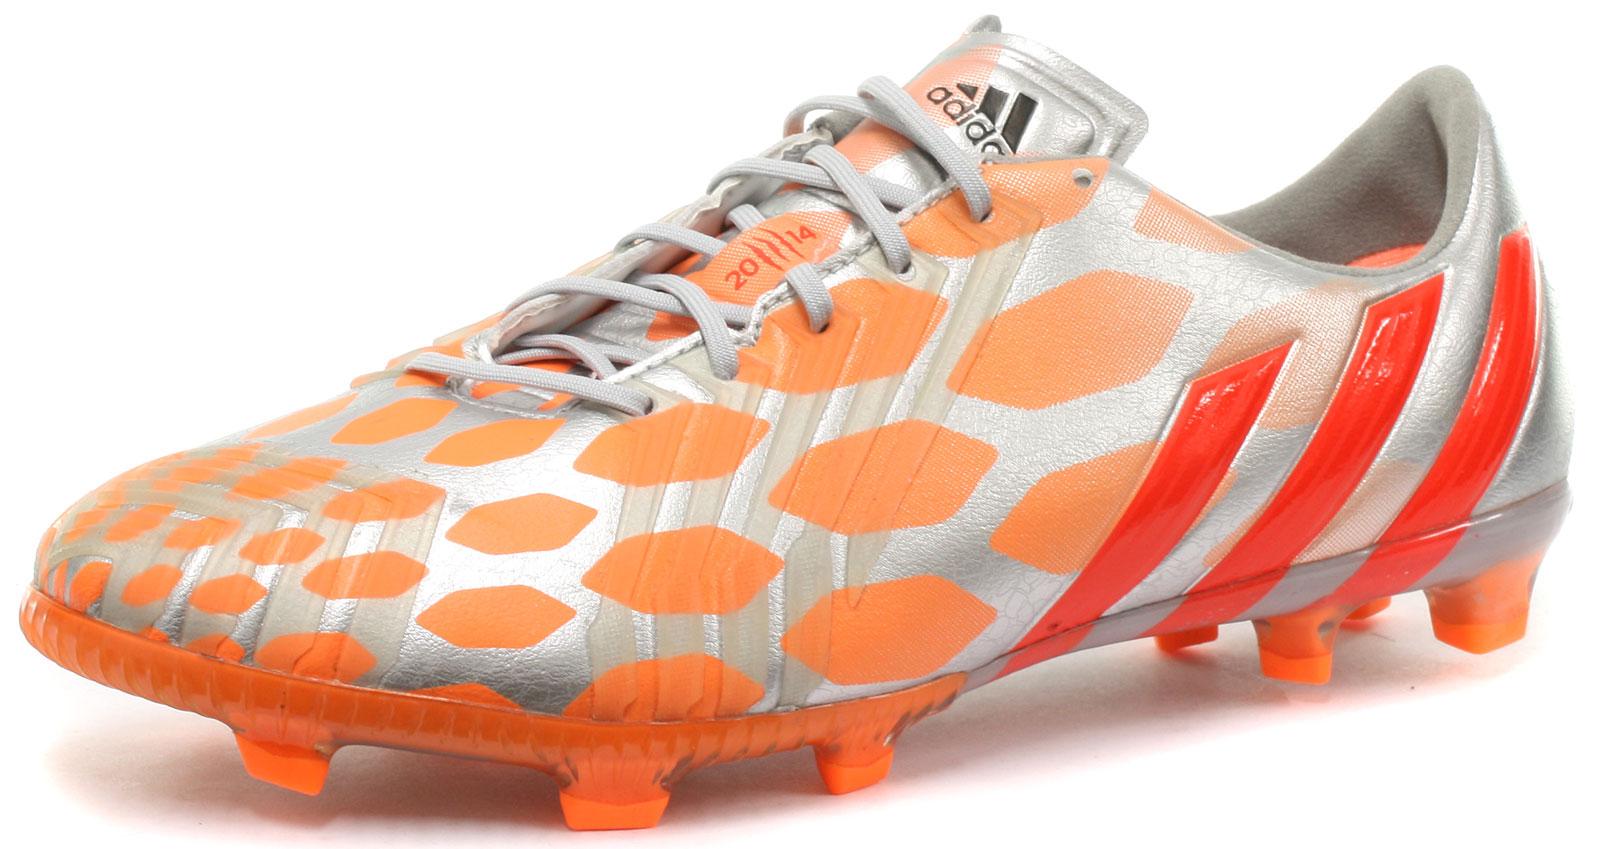 Adidas Predator Womens Scarpe Da Calcio mMEGF0